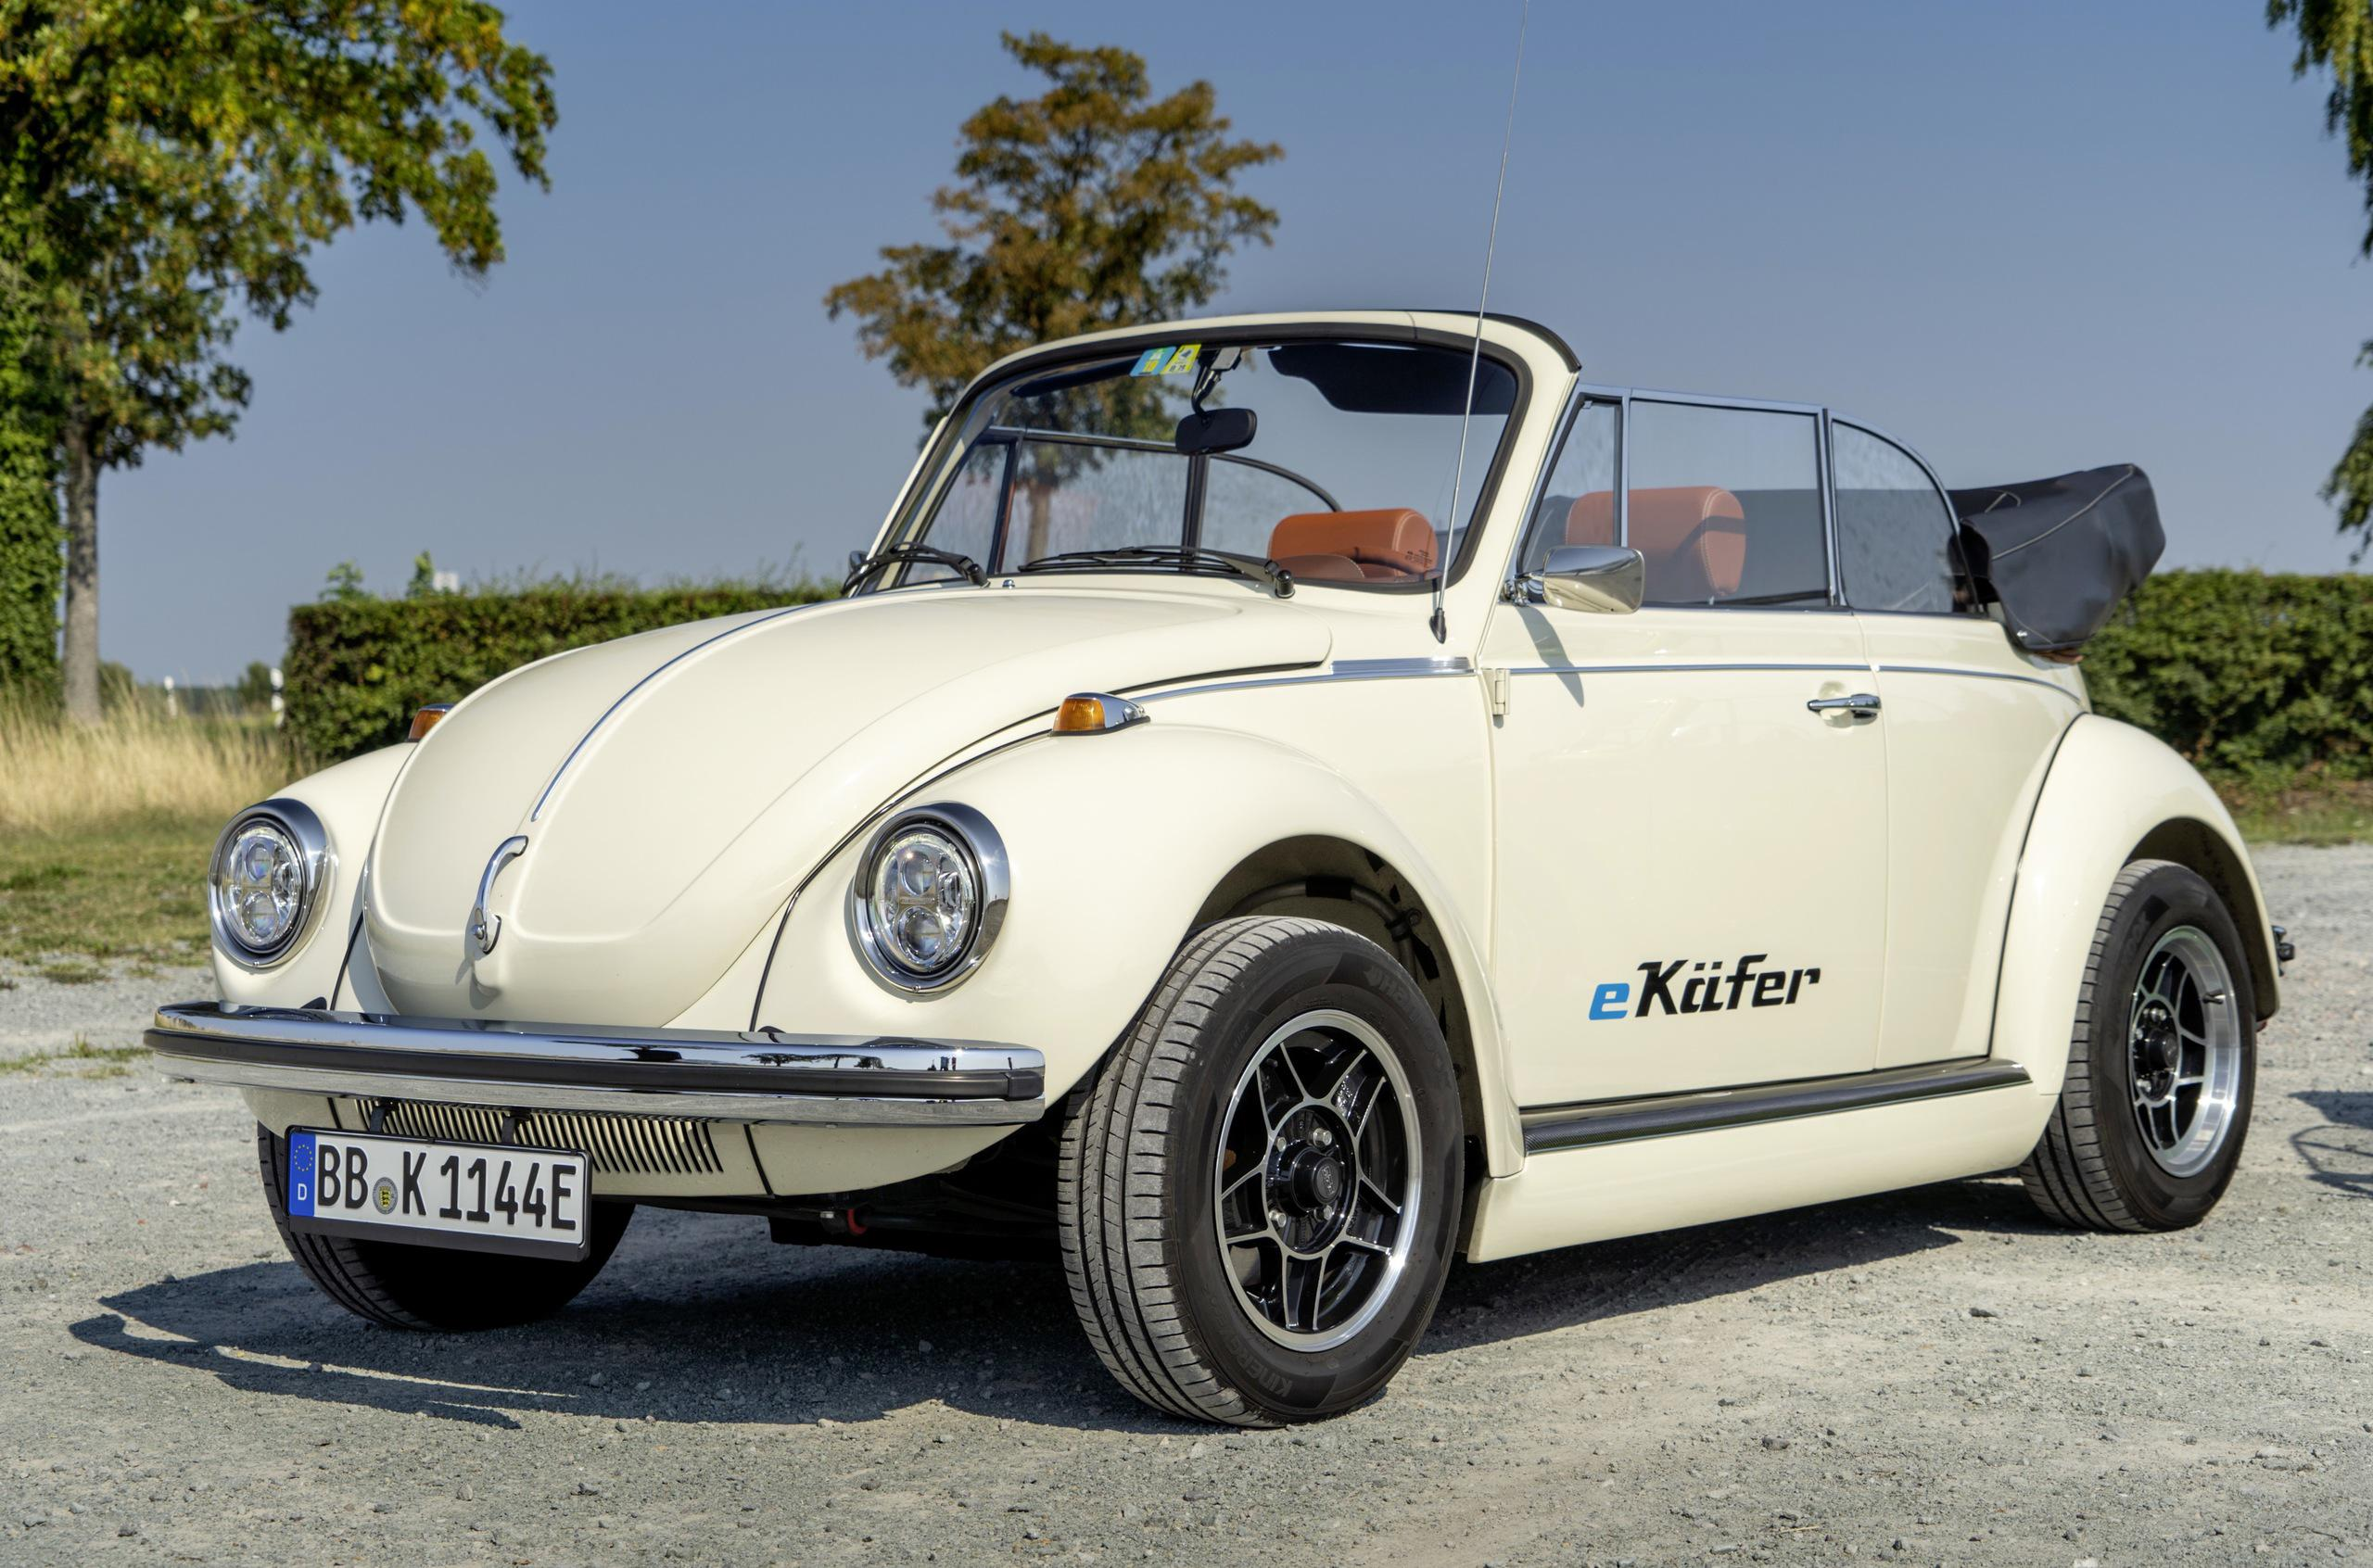 На Франкфуртском автосалоне компания «Фольксваген» представит классический Beetle с нулевым уровнем выброса, построенный подразделением Volkswagen Group Components.